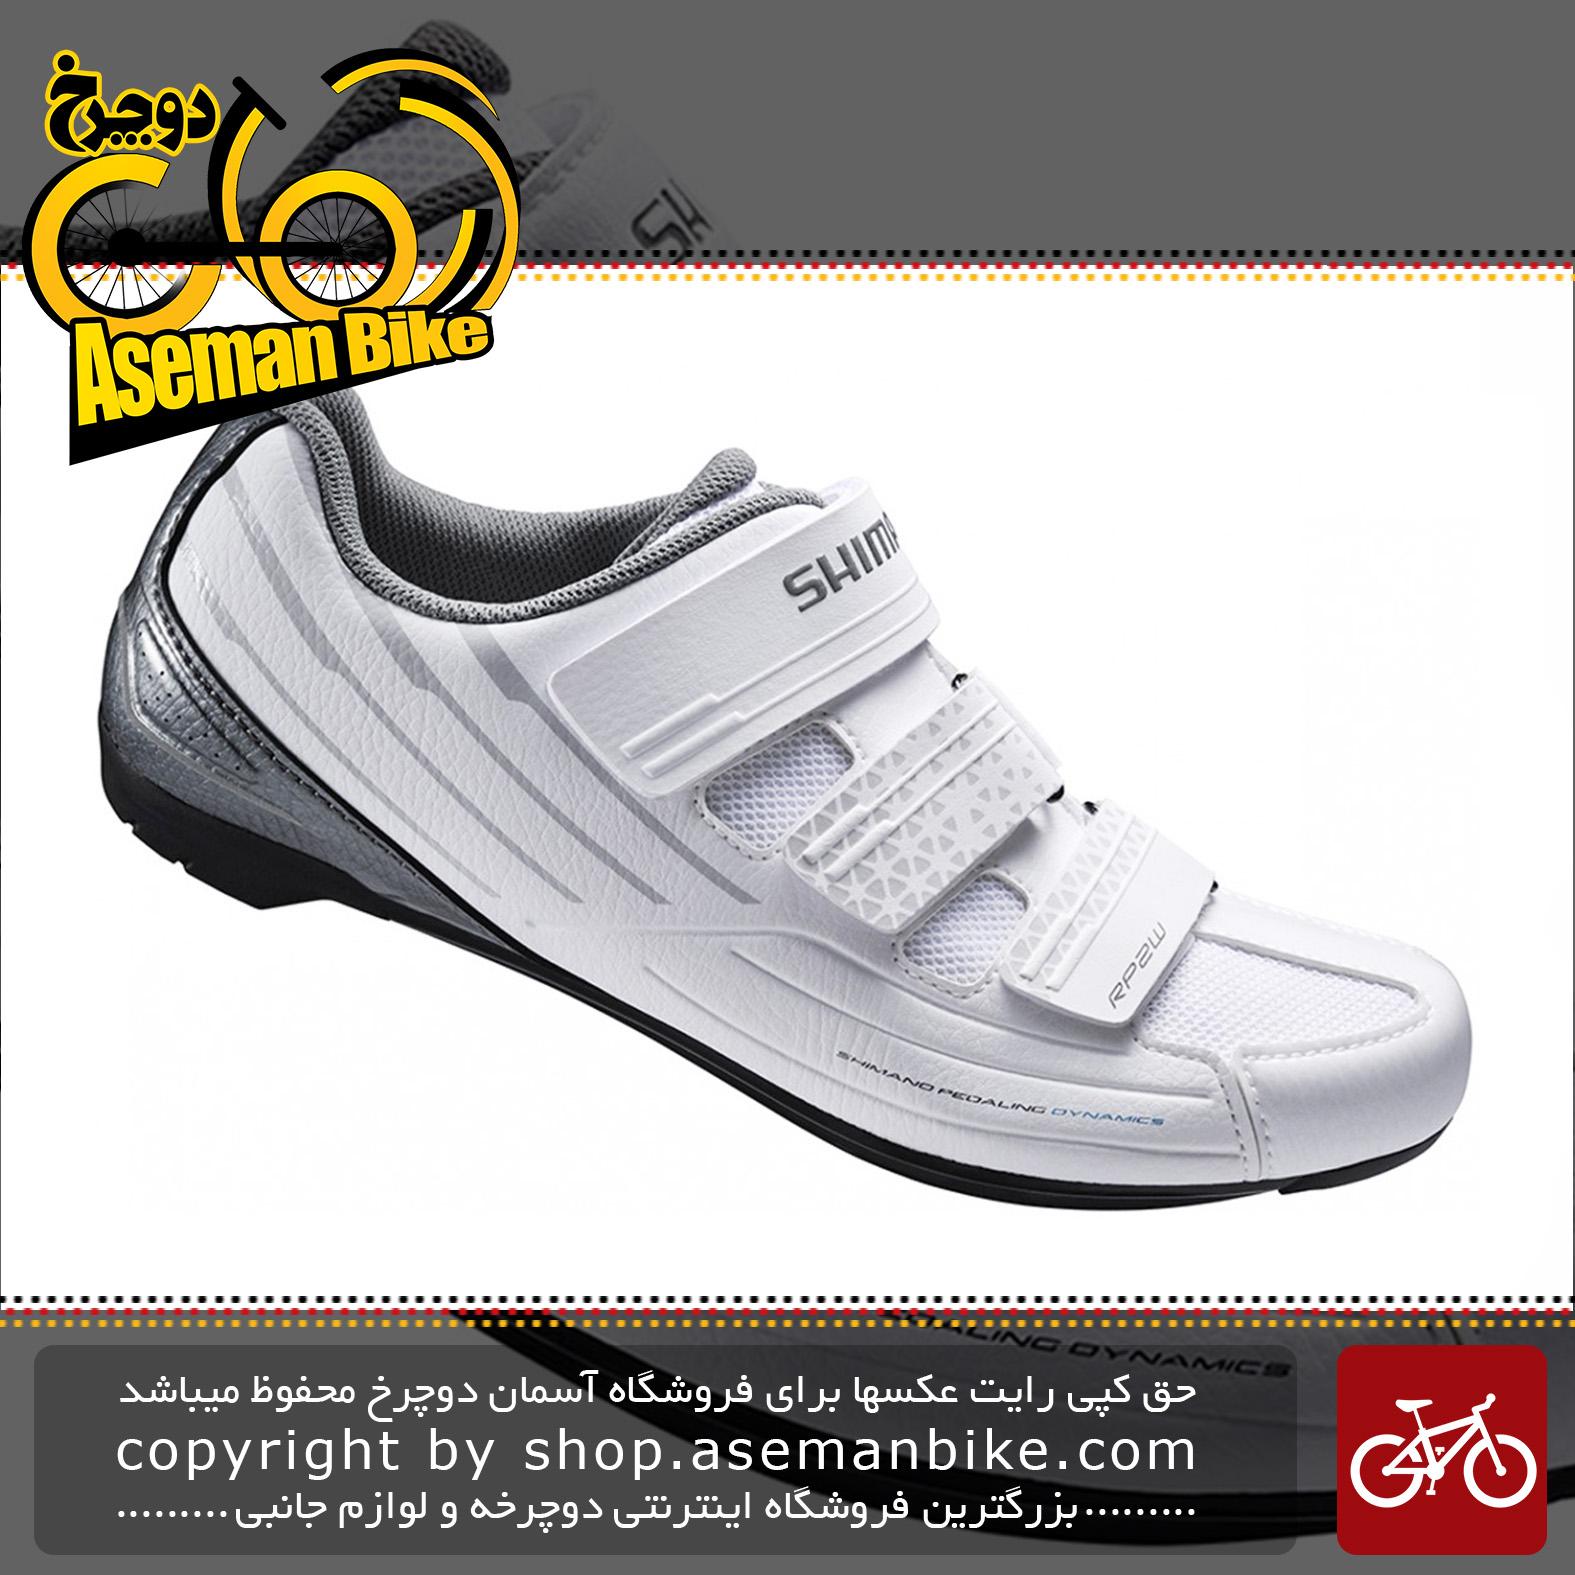 کفش شیمانو کورسی مدل آر پی 2 Shimano Shoes RP2